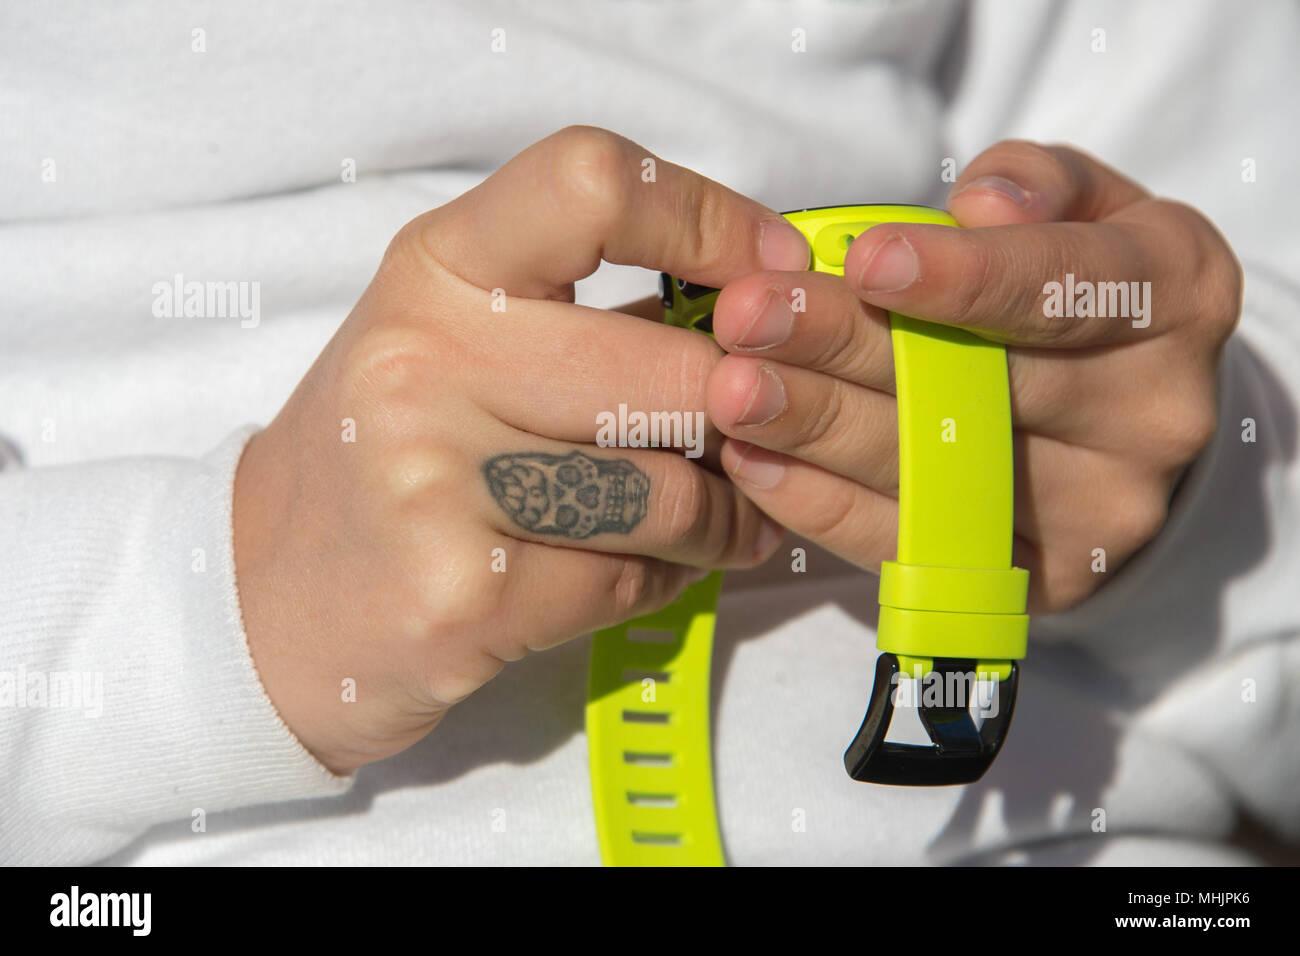 Frau Hande Mit Totenkopf Tattoo Halten Scuba Computer Ansehen